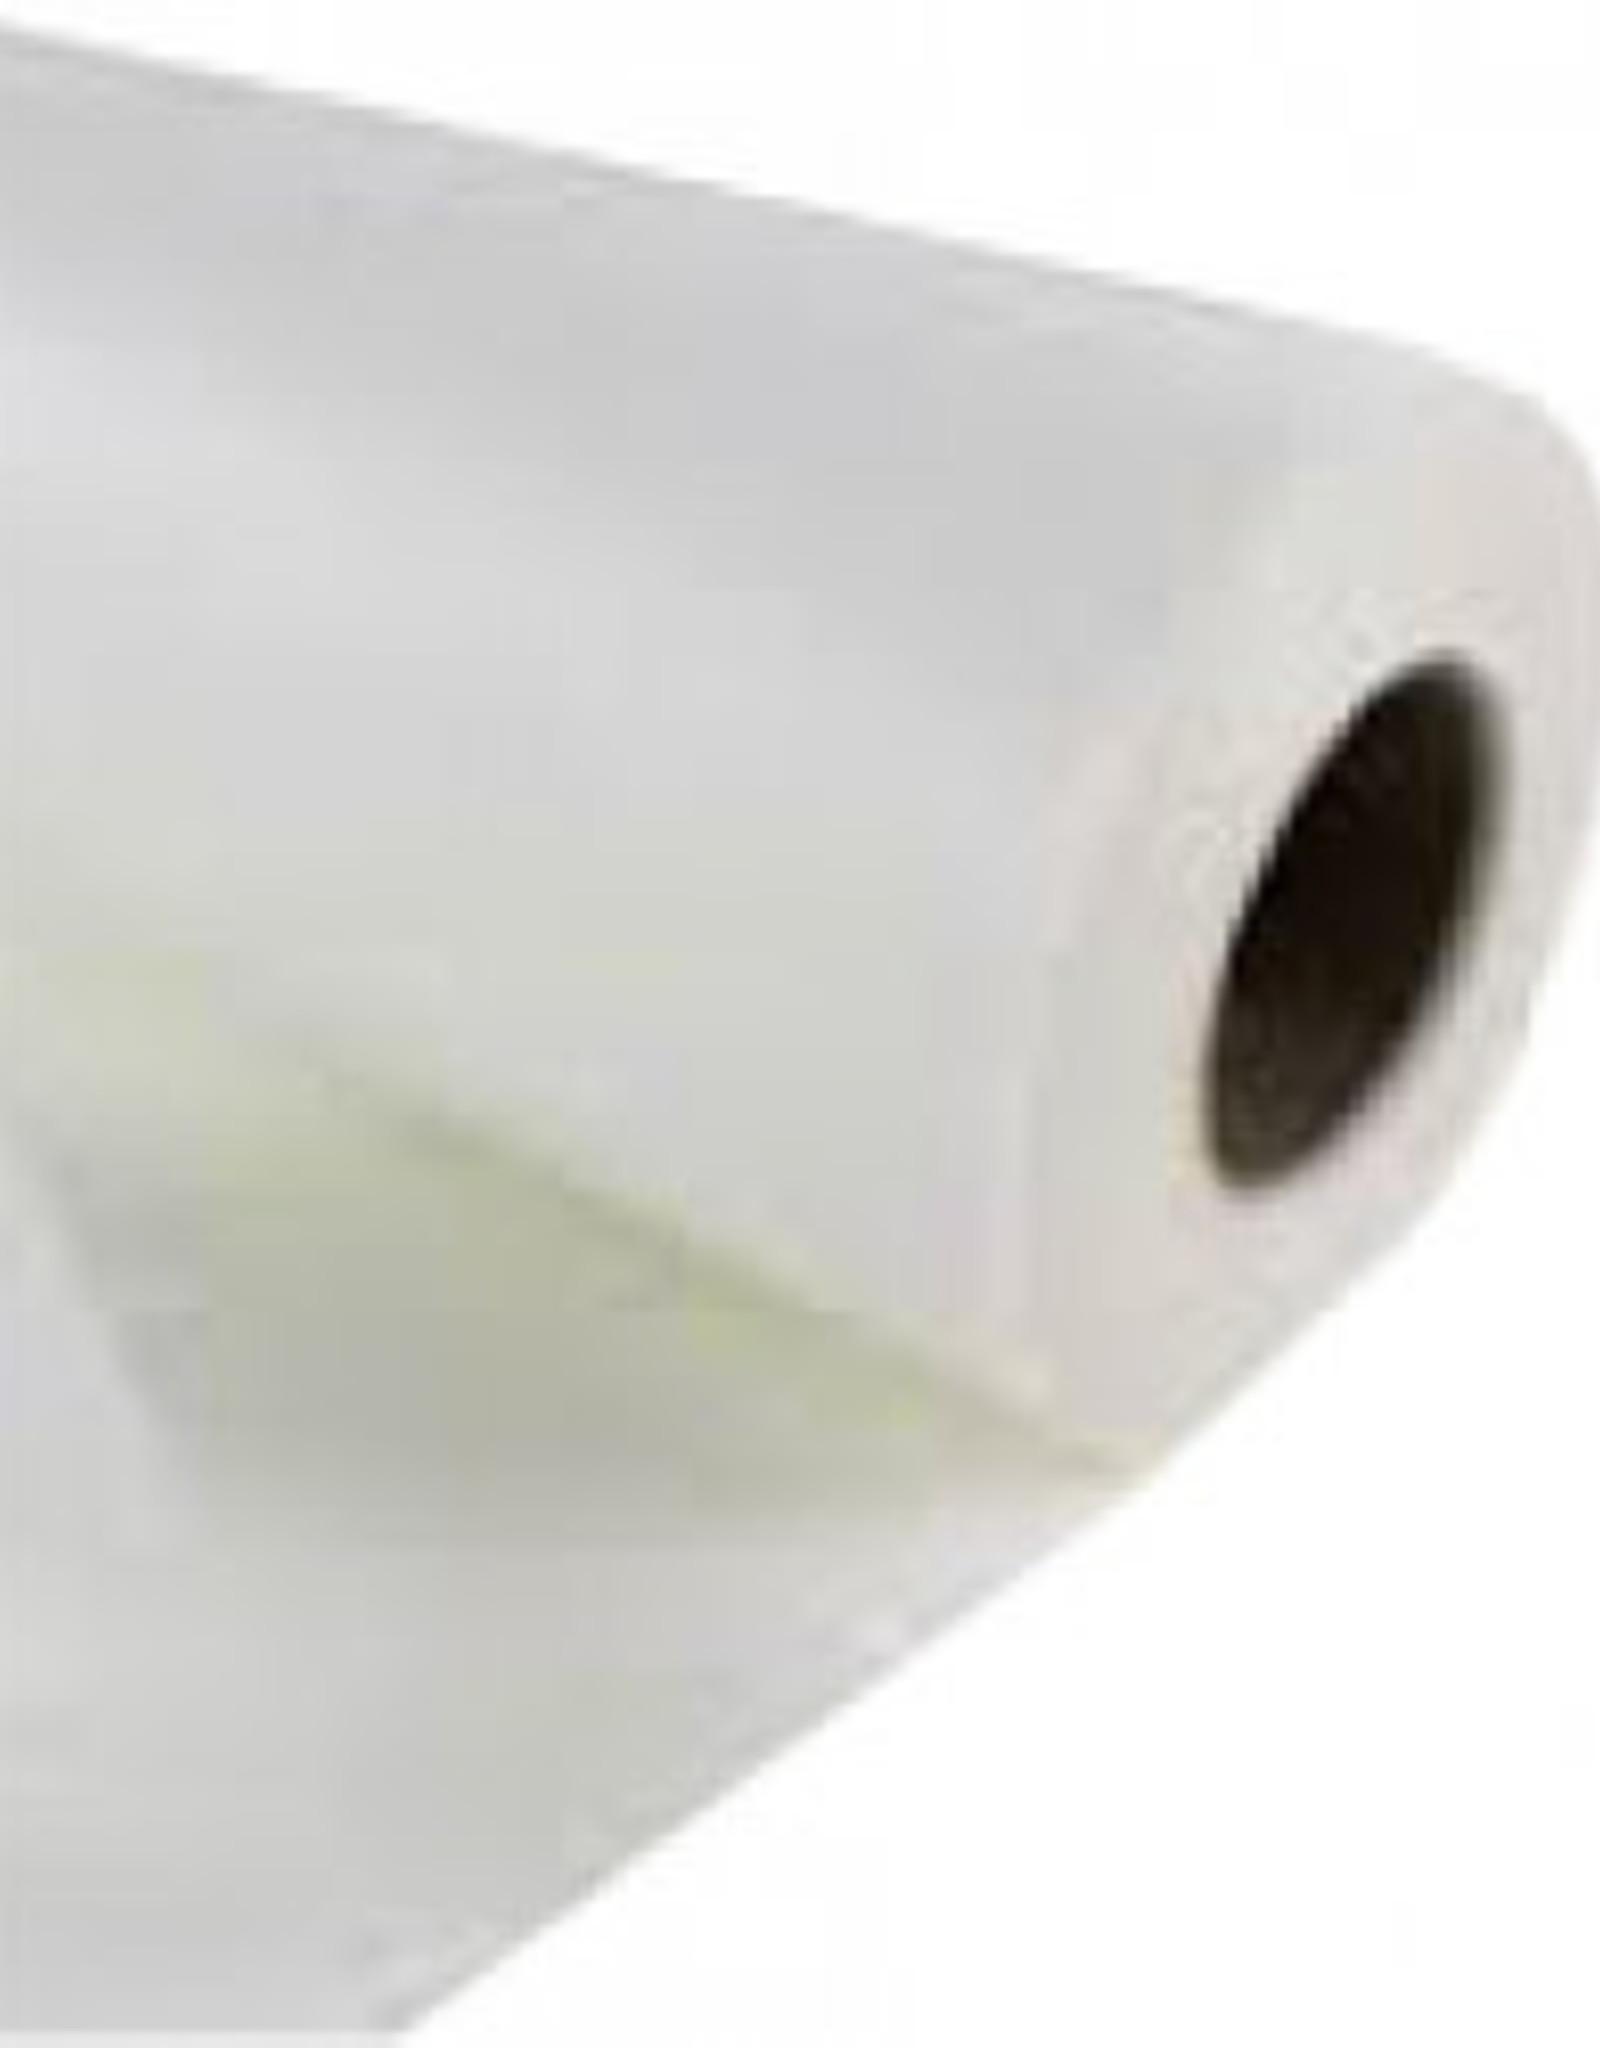 Plakvlies voorverpakt - 2m - Wit